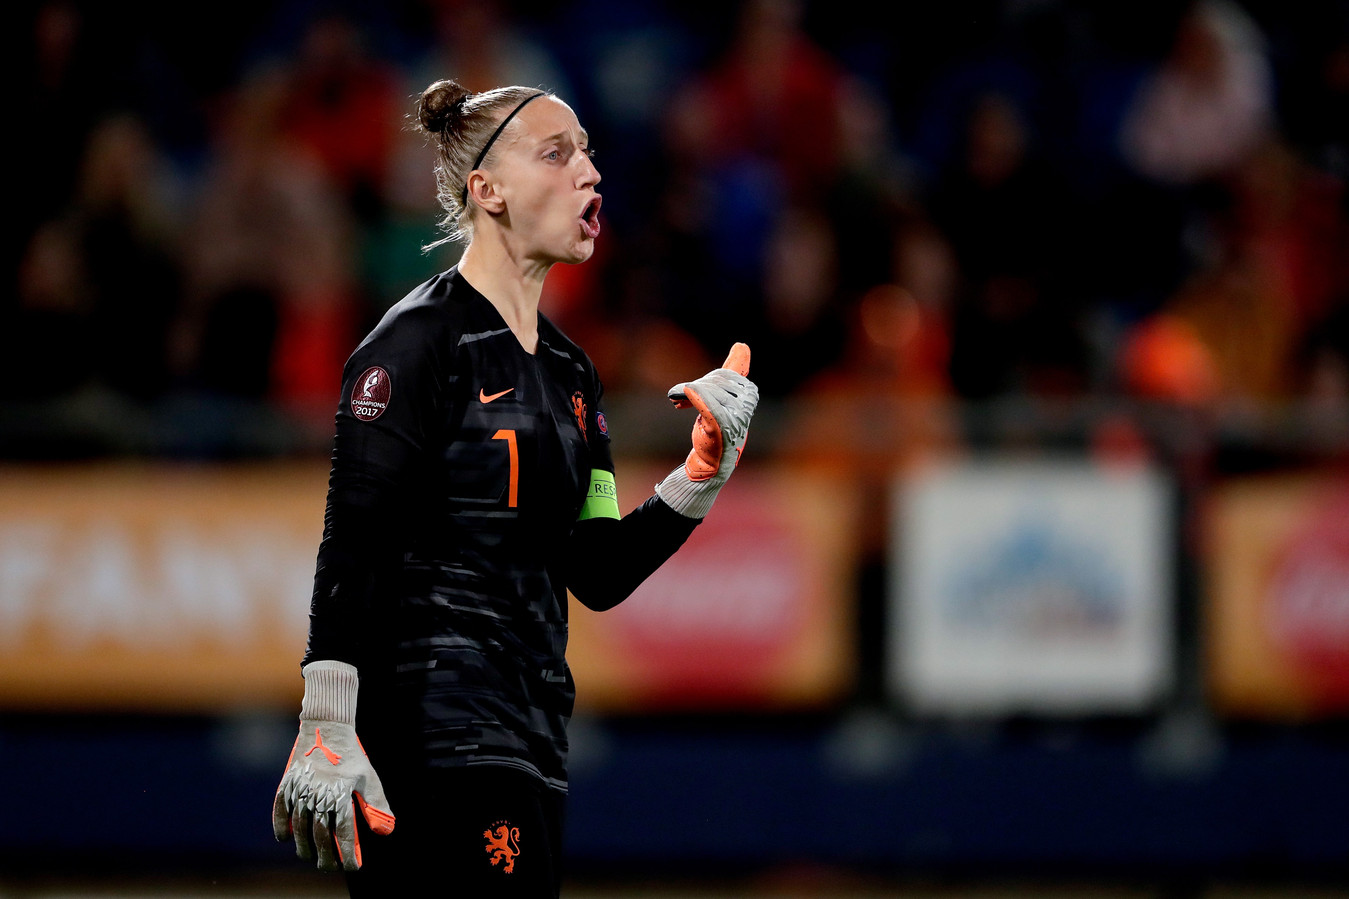 Aanvoerder Sari van Veenendaal is terug bij Oranje.